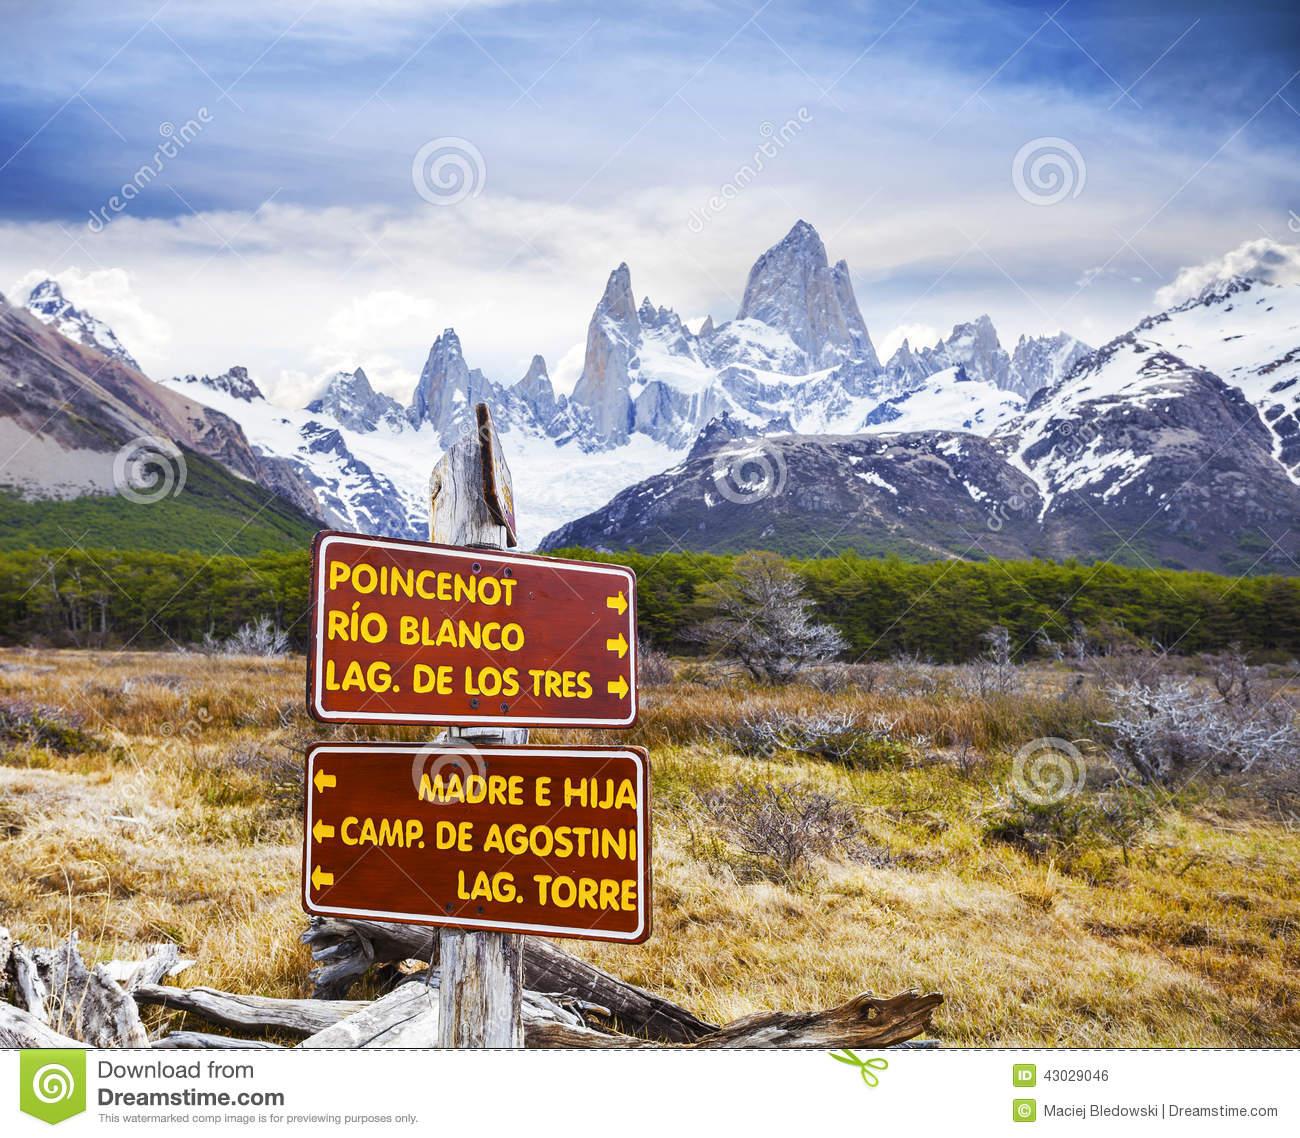 Park Signs In Los Glaciares National Park, Fitz Roy, Argentina.